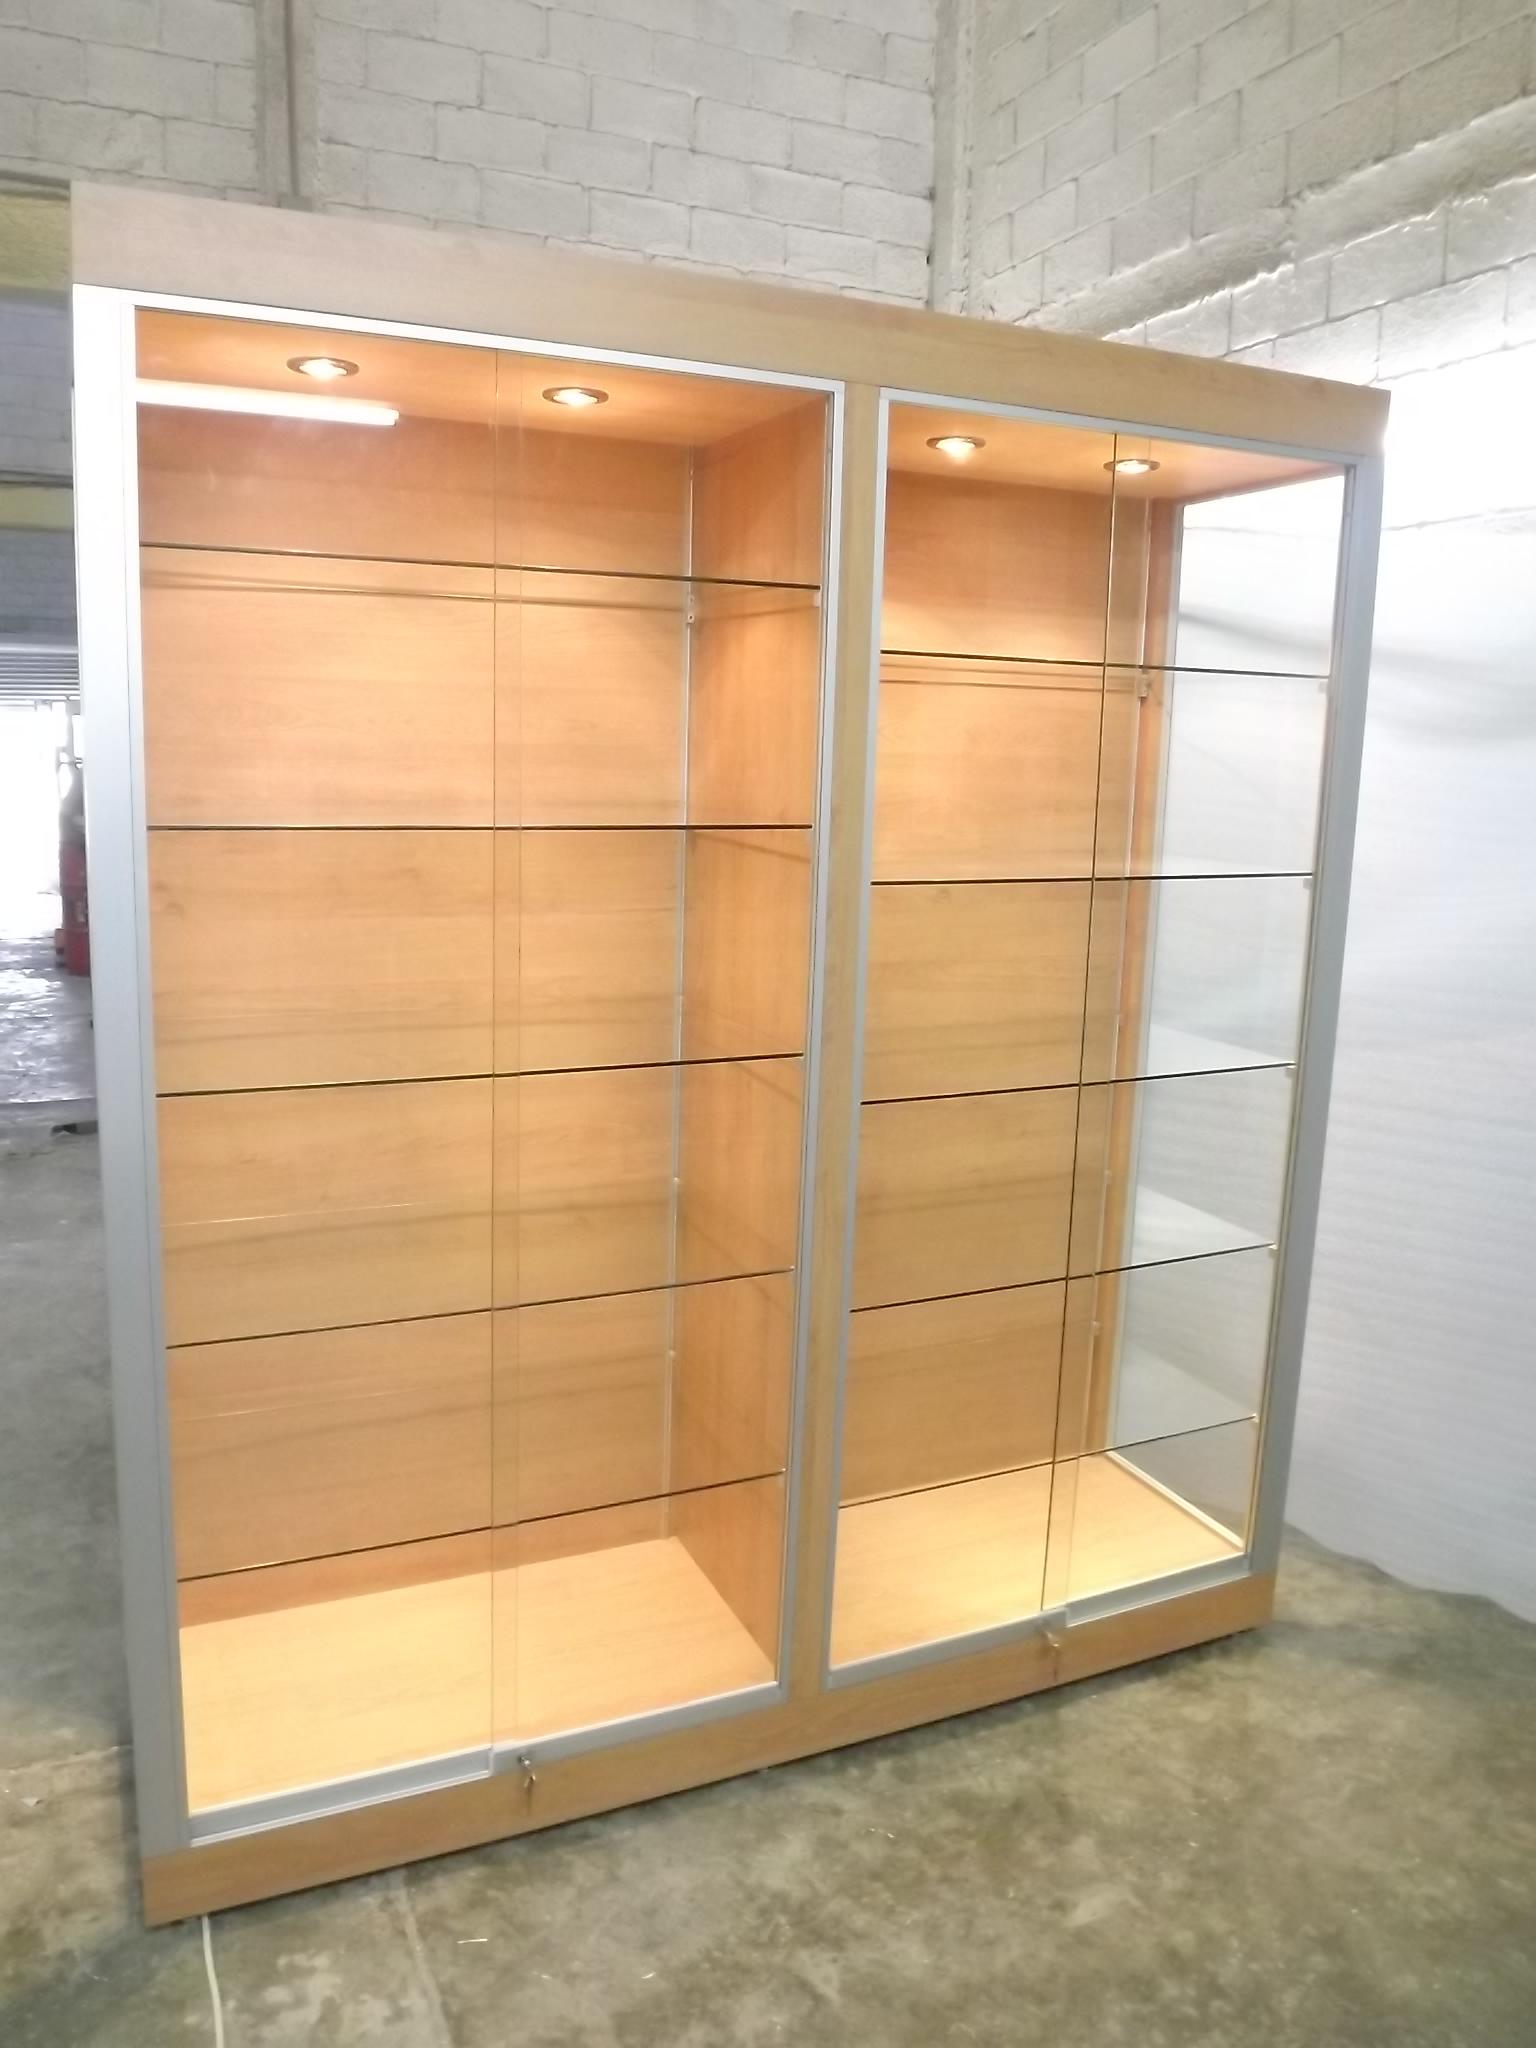 vitrinas de cristal baratas vitrinas vitrina vitrinas exhibidores exhibidor